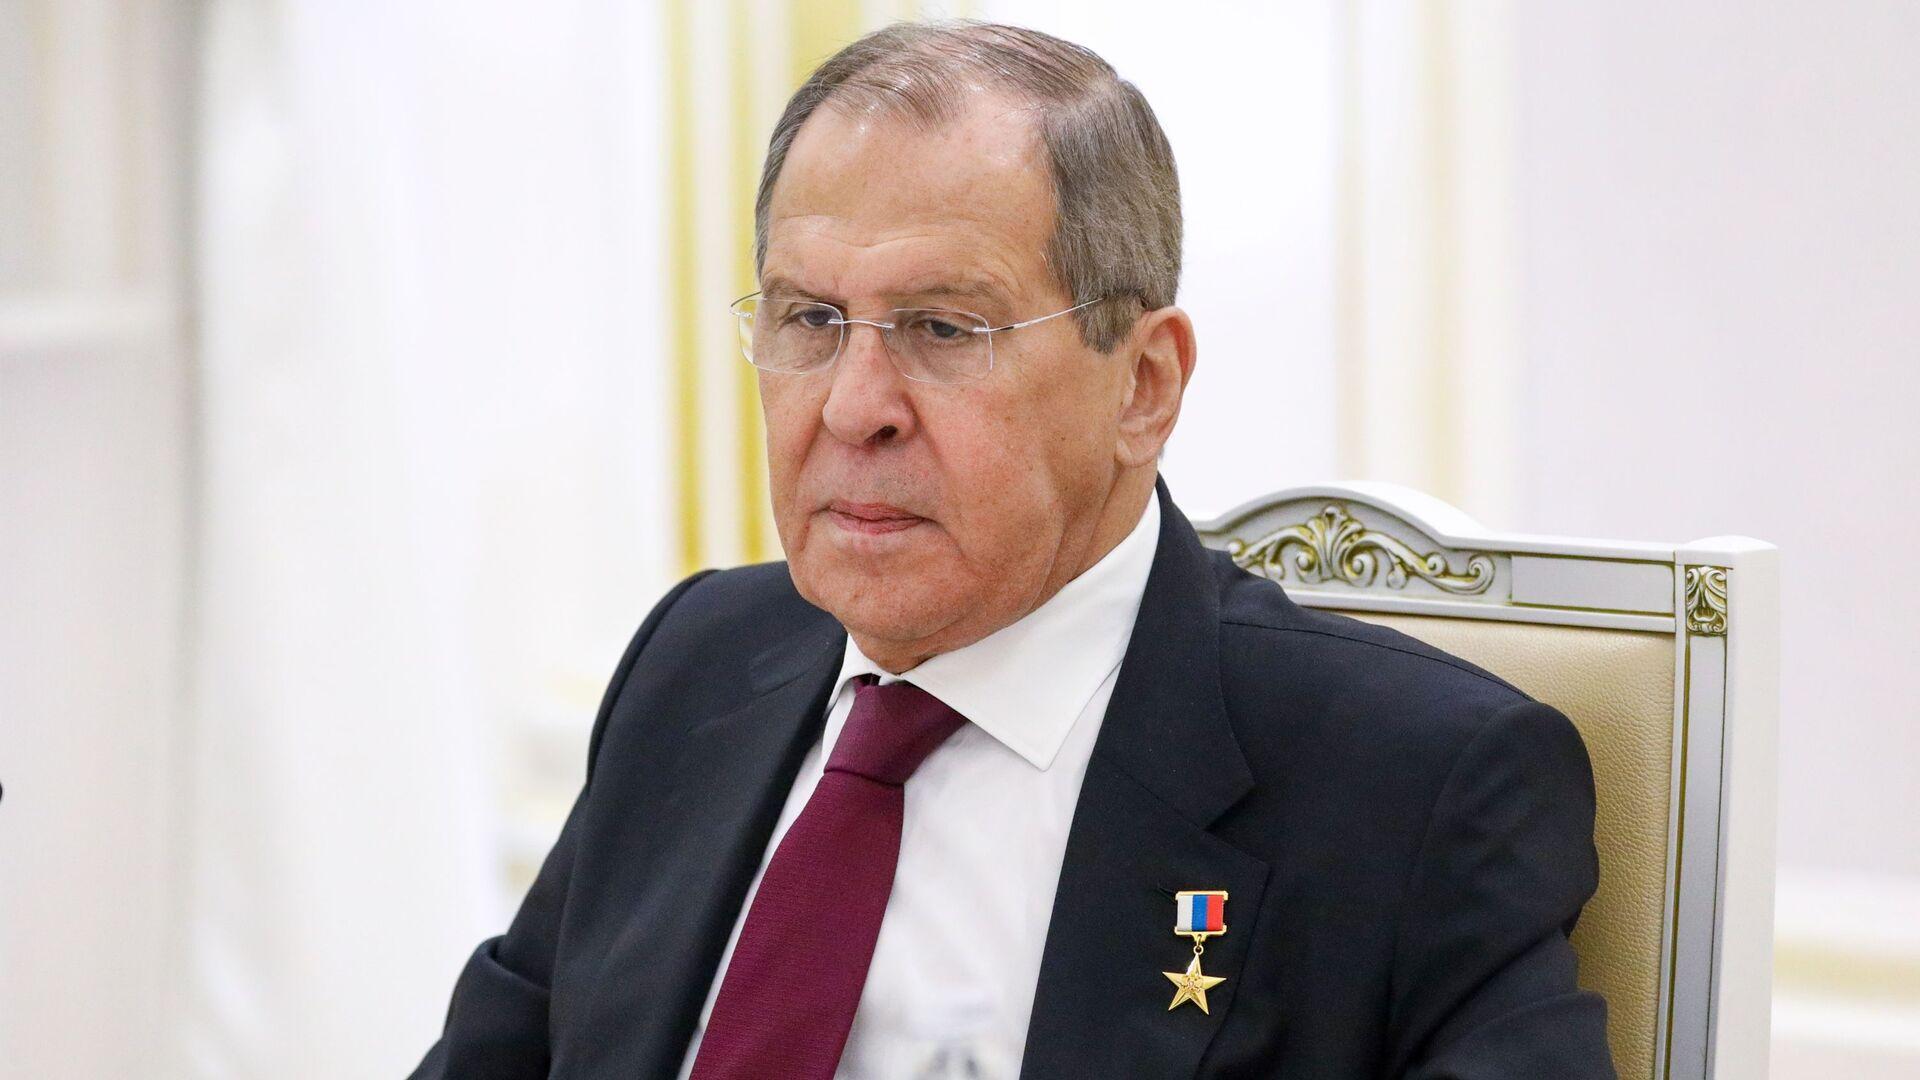 Chuyến công tác của Bộ trưởng Ngoại giao Nga S. Lavrov tới Volgograd - Sputnik Việt Nam, 1920, 12.10.2021